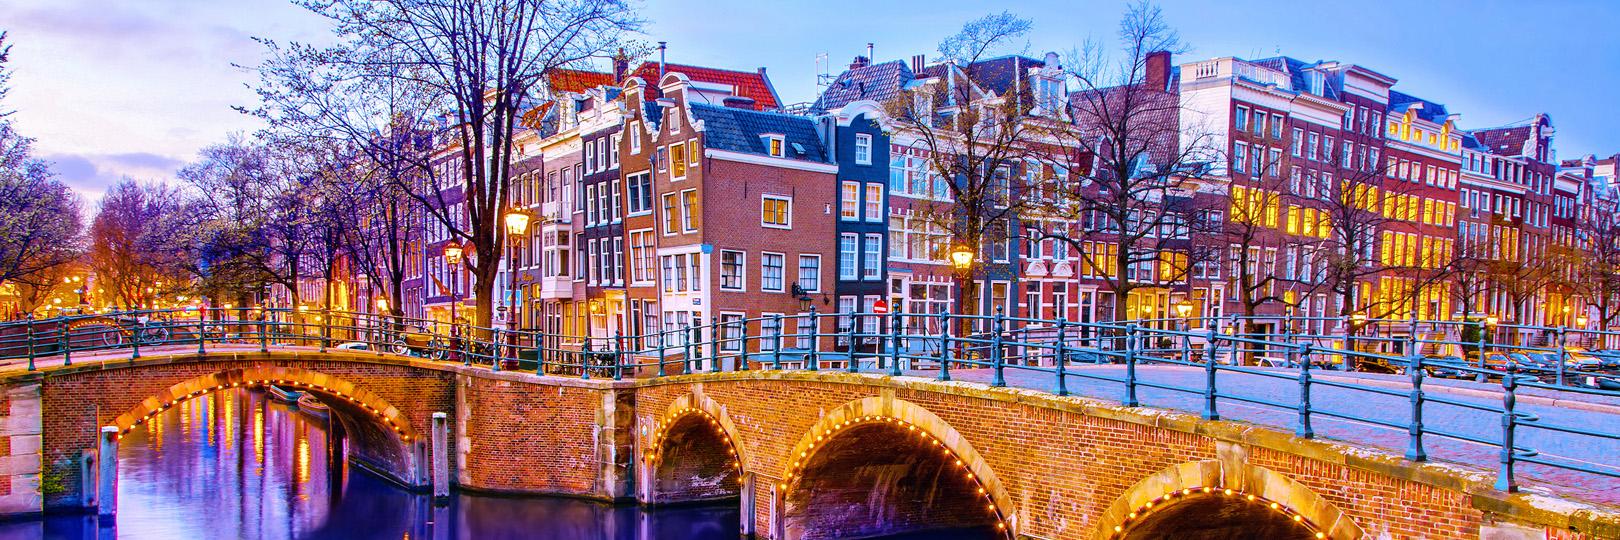 Ταξιδέψτε στο Amsterdam ΤΩΡΑ!